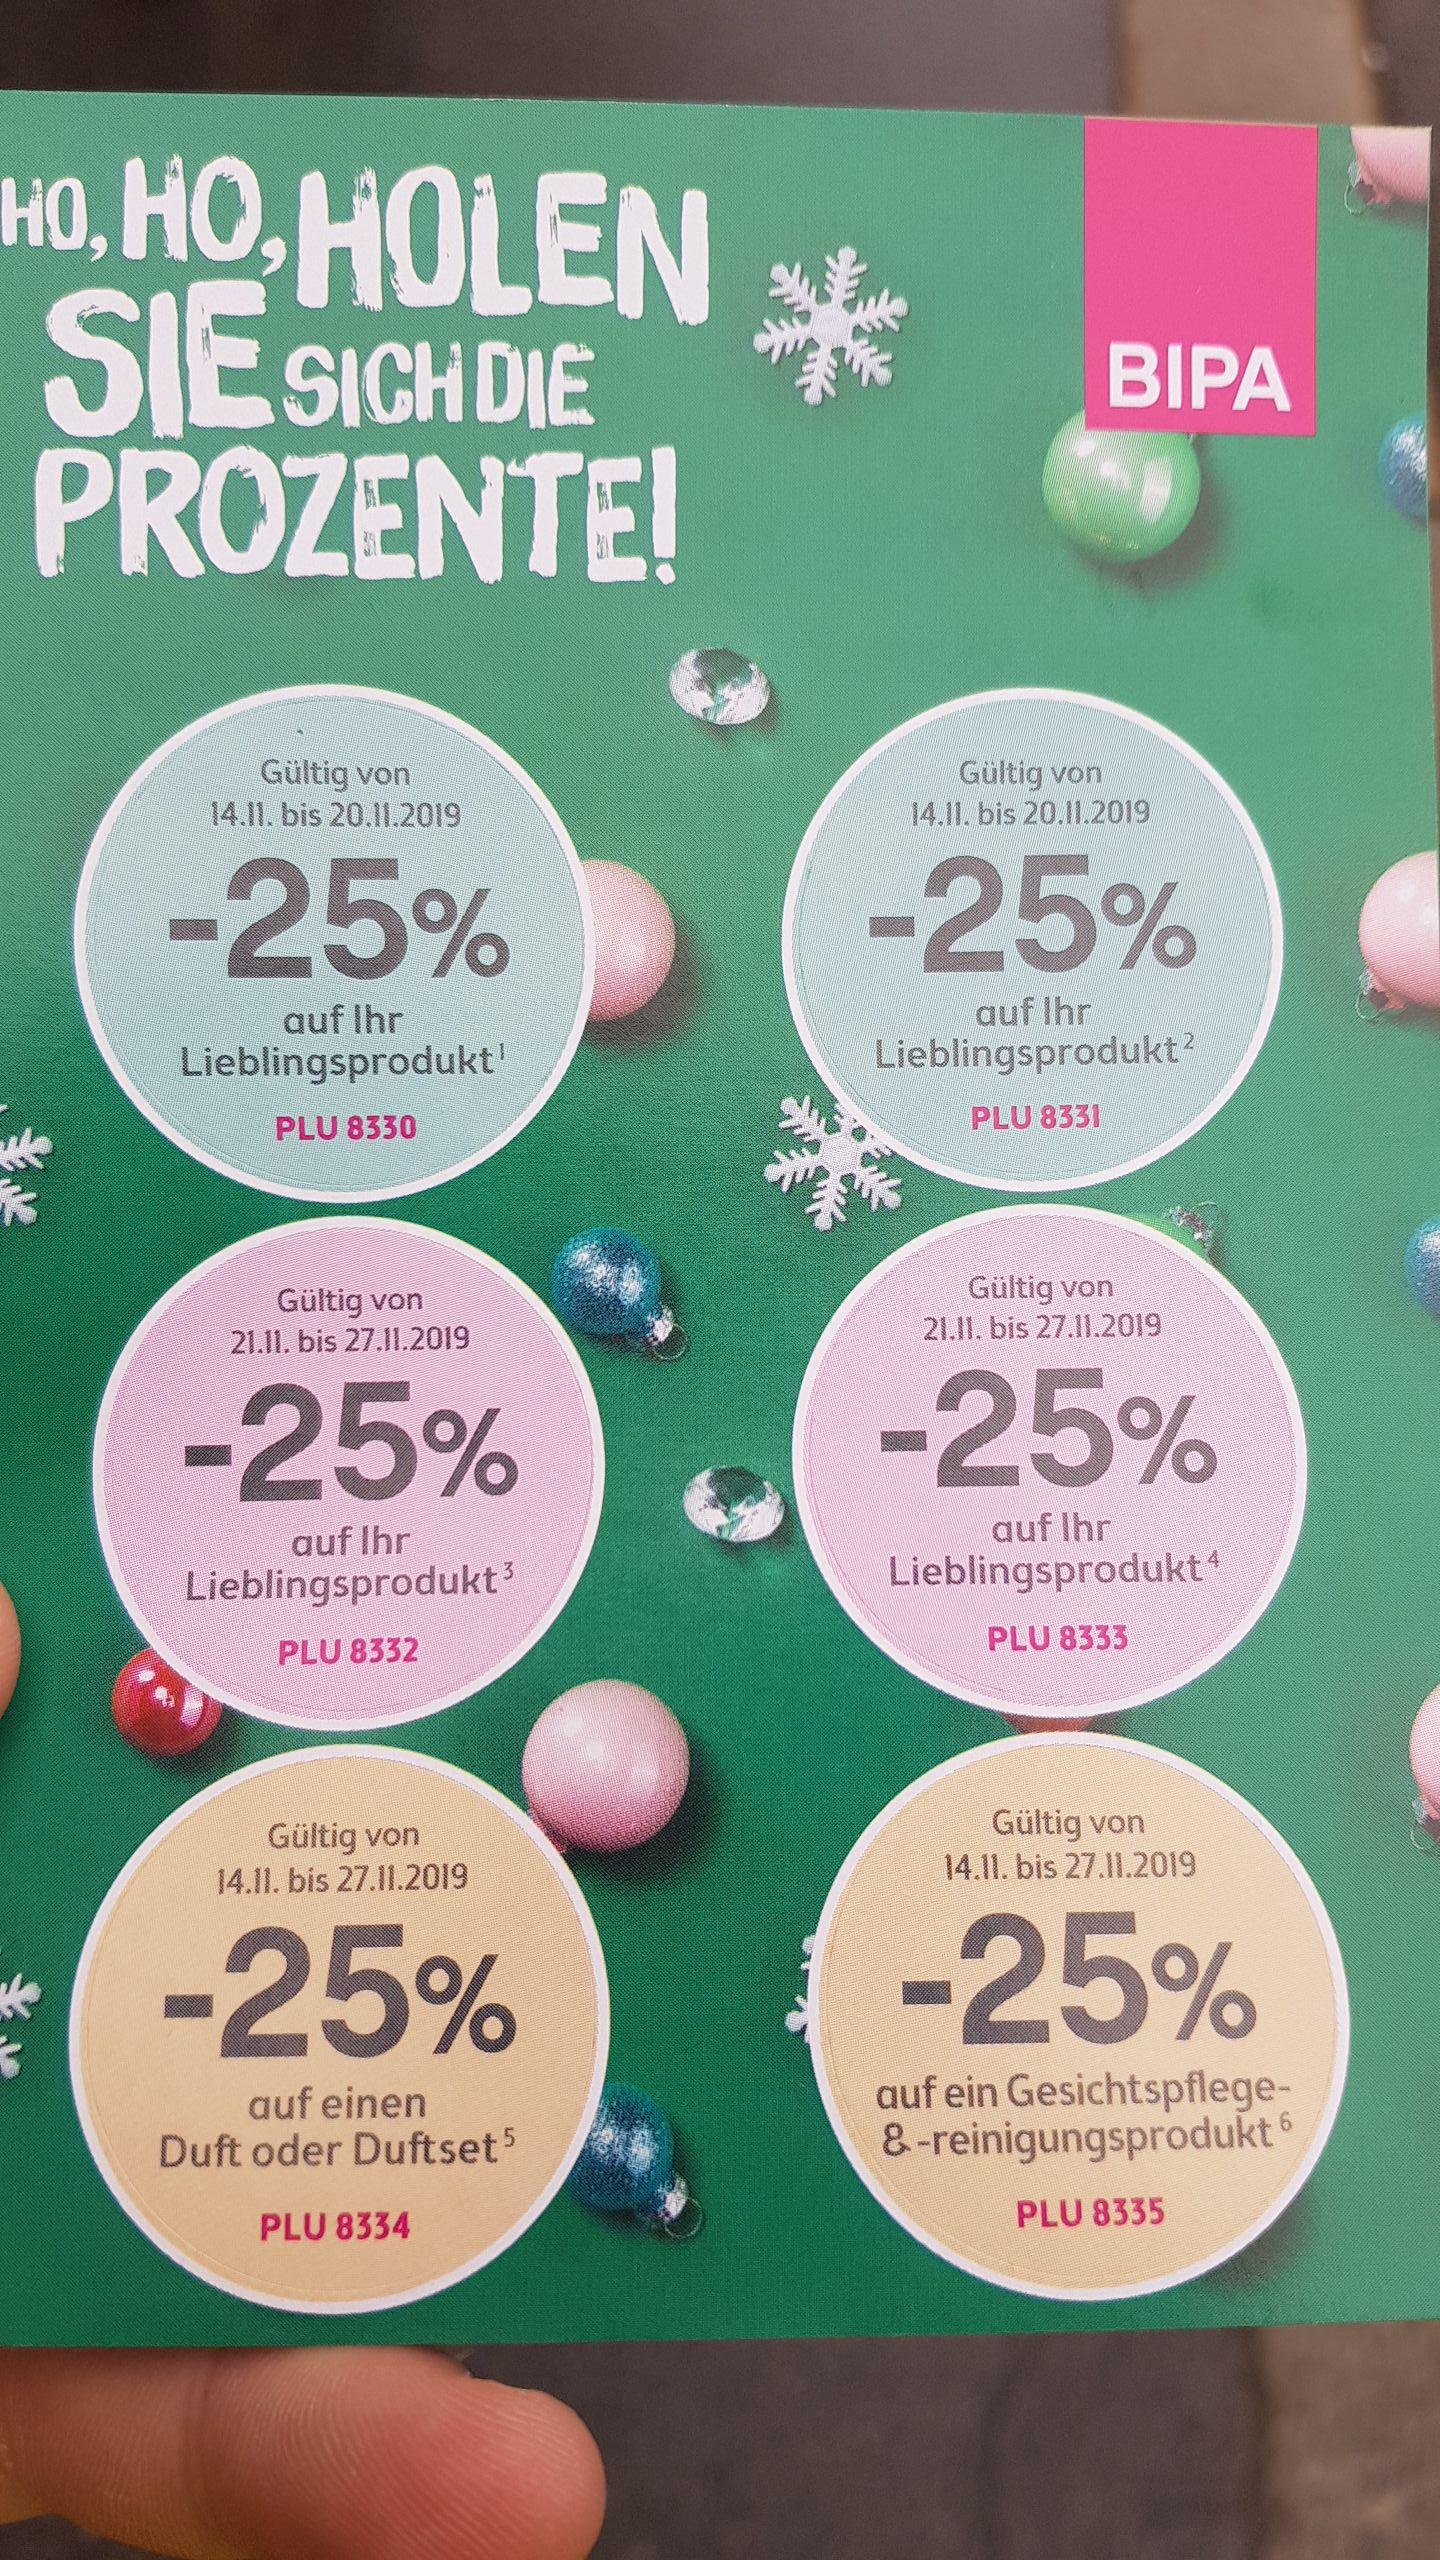 25% Rabatt ab nächste Woche bei Bipa für ein Lieblingsprodukt